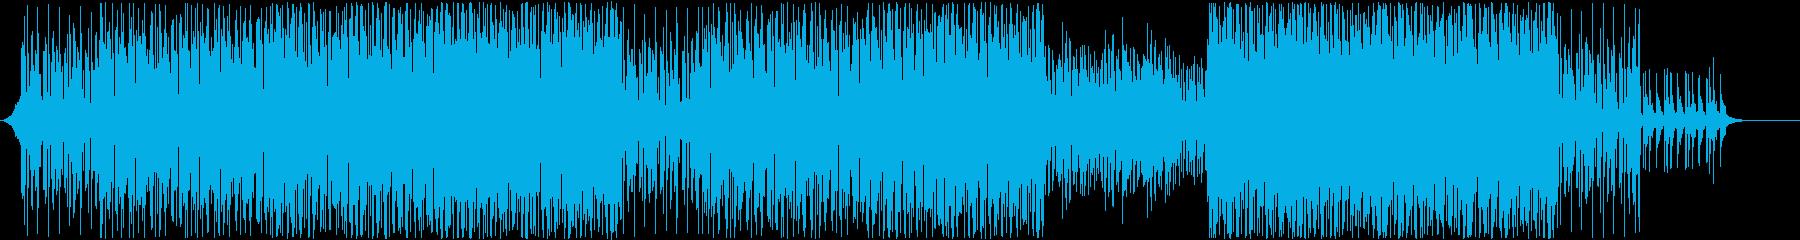 洋楽オープニング!爽やかキラキラ明るい1の再生済みの波形